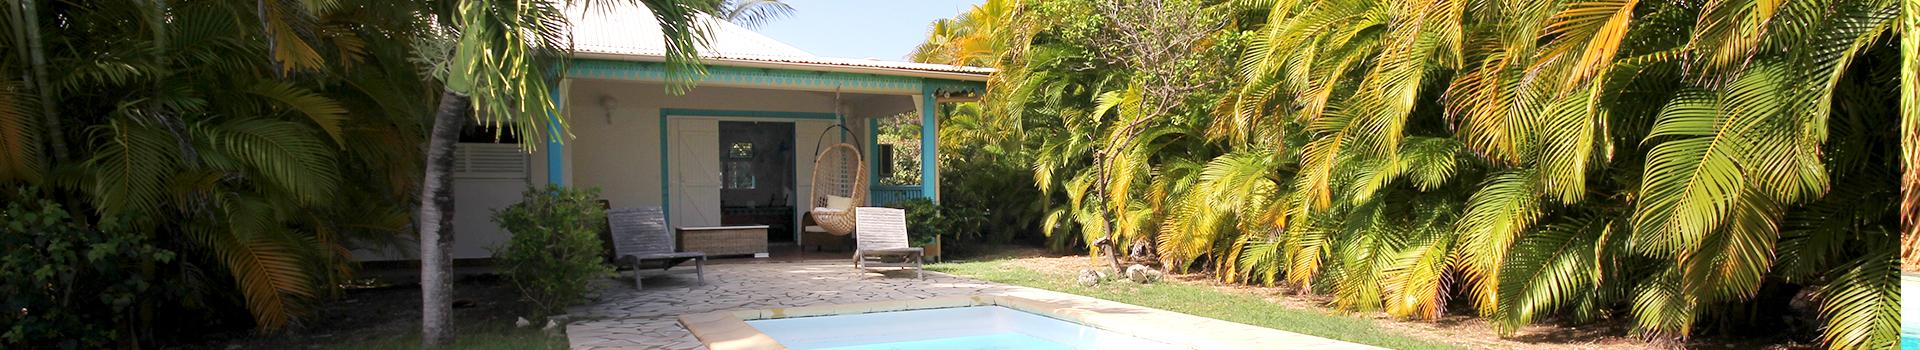 Villa Caraïbes - Location de villas et maisons en Guadeloupe - www.villacaraibes.fr